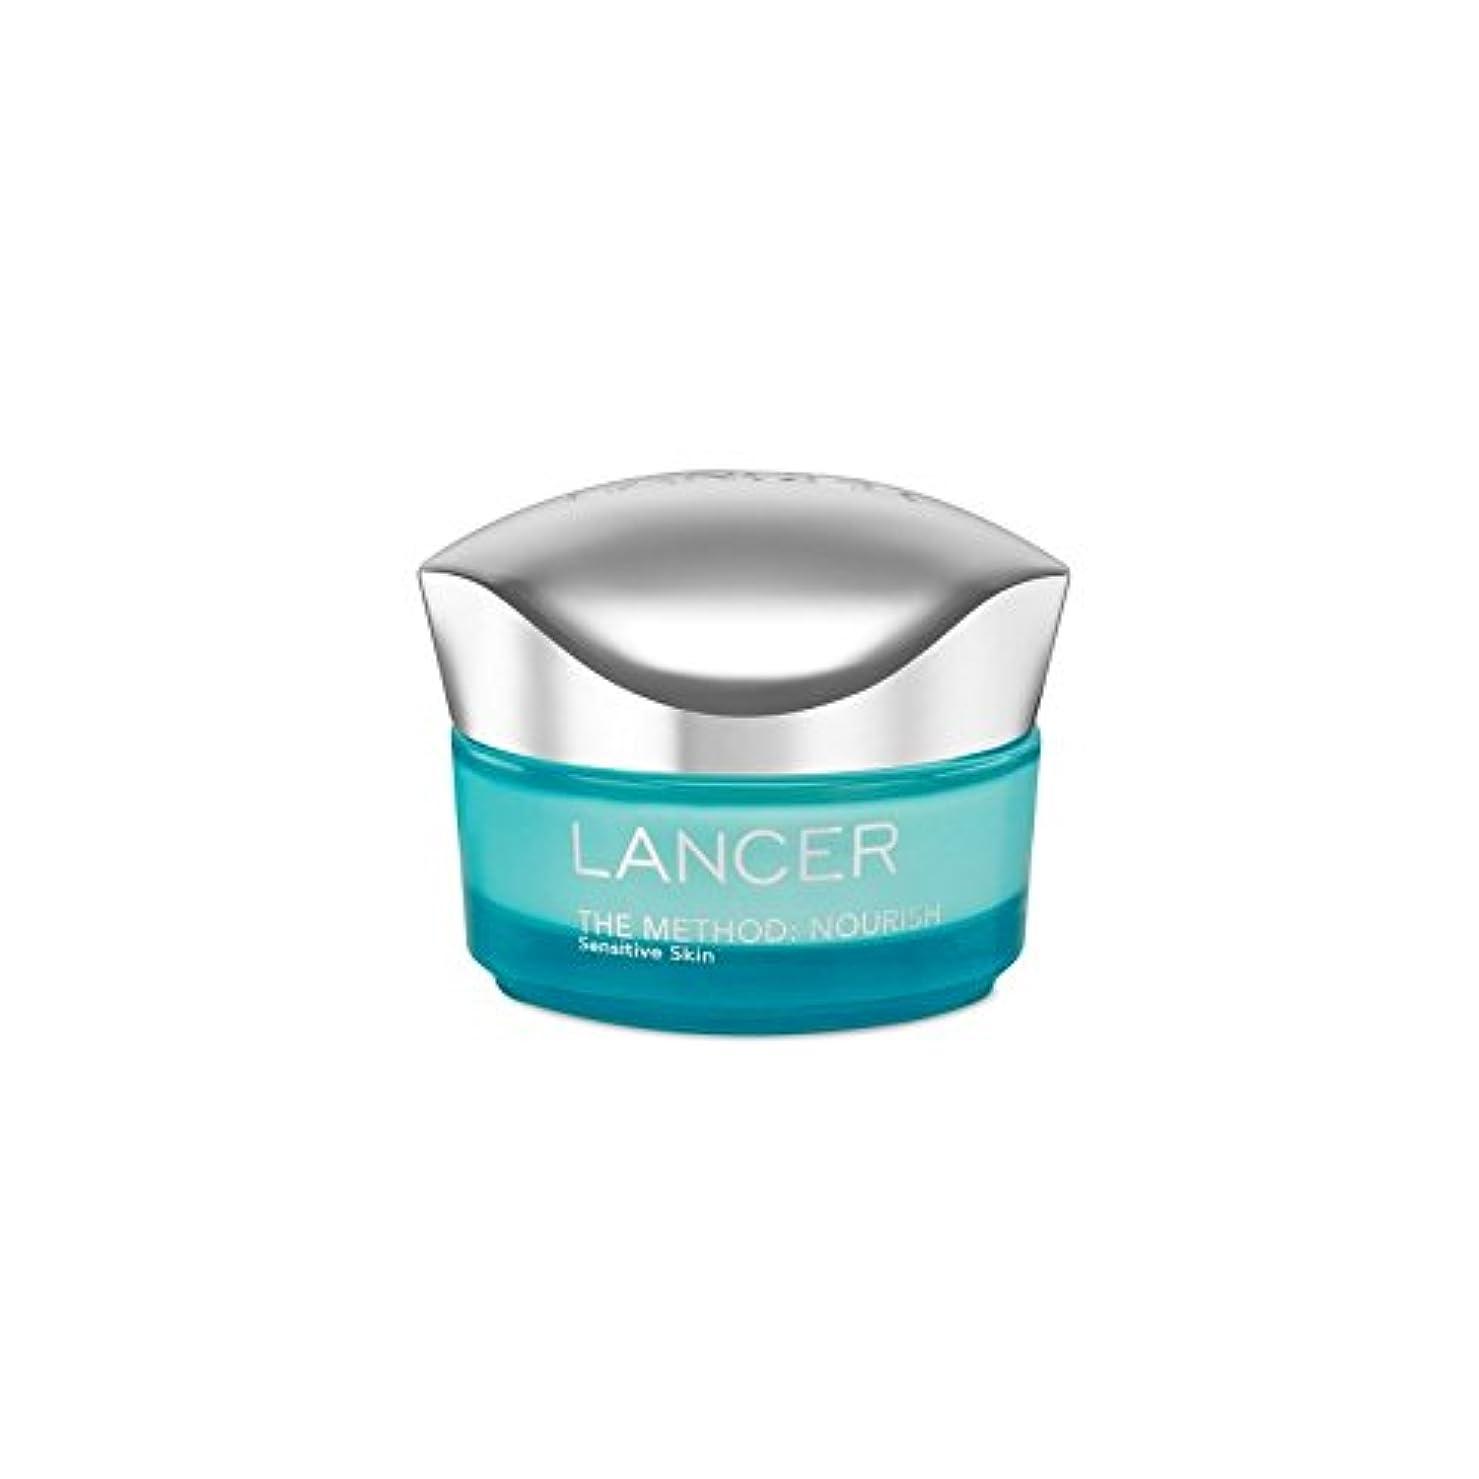 流星ショップ燃やすランサーは、この方法をスキンケア:保湿敏感肌(50)に栄養を与えます x2 - Lancer Skincare The Method: Nourish Moisturiser Sensitive Skin (50ml)...